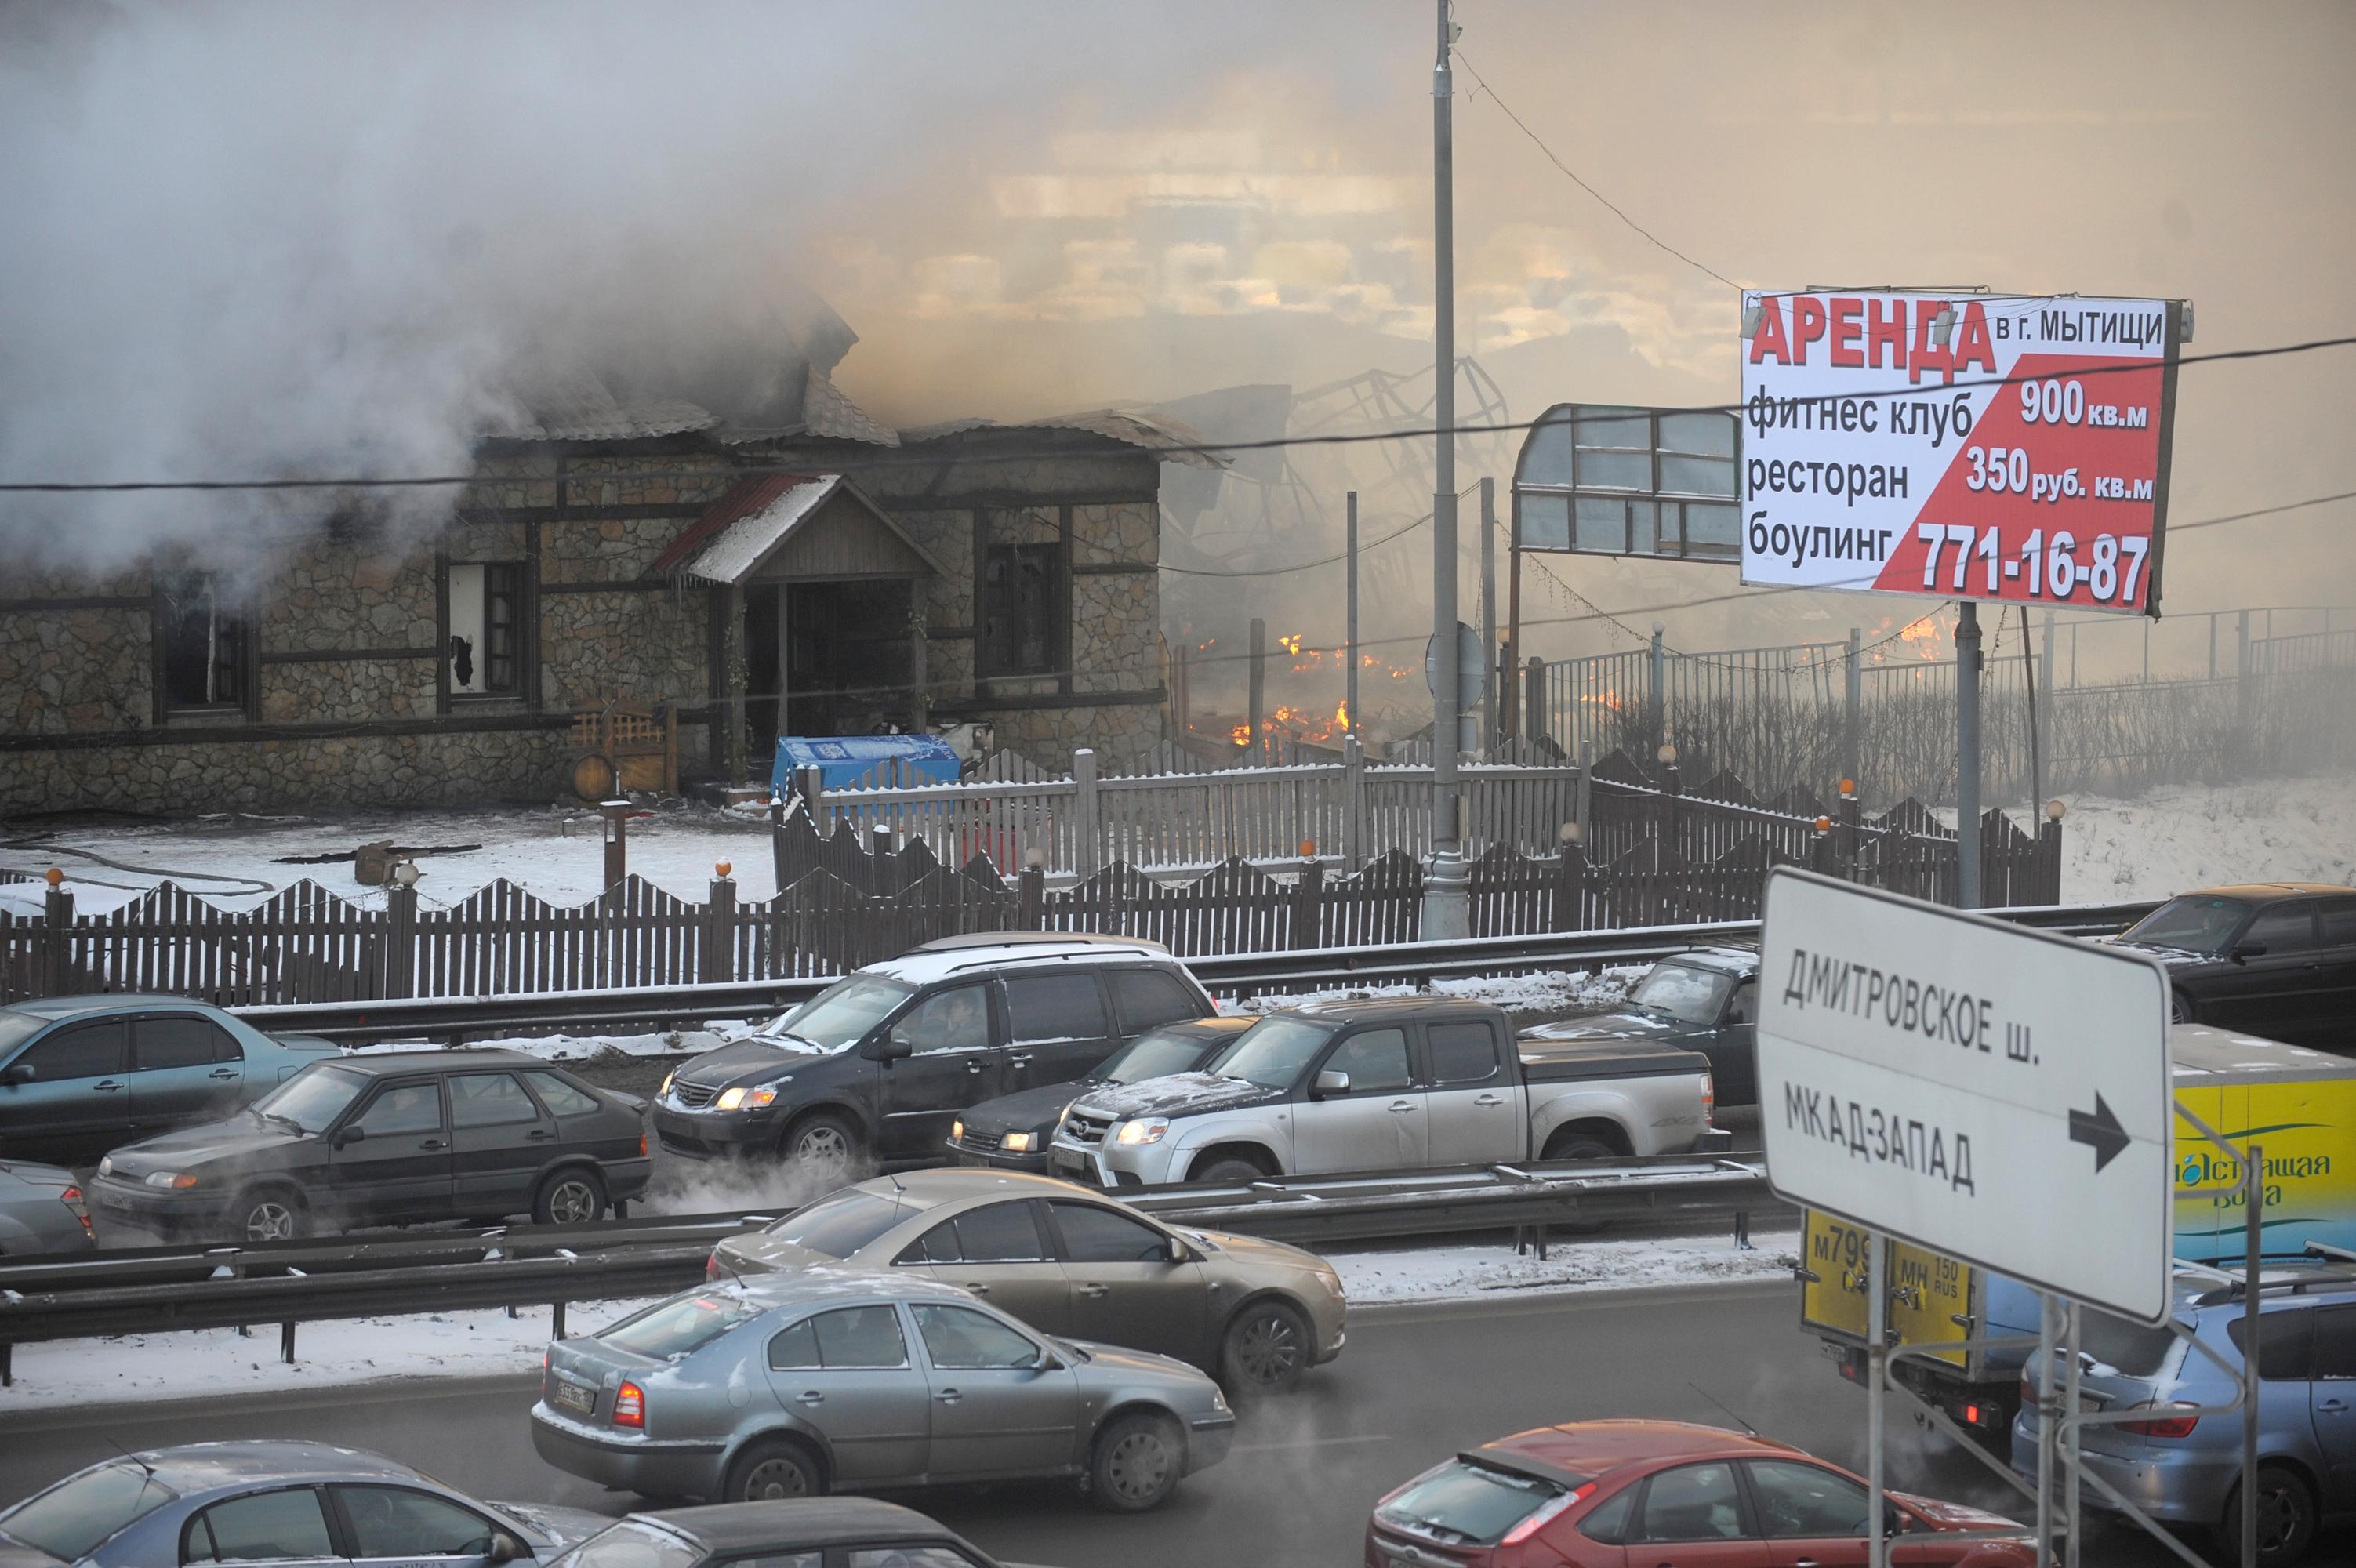 Пожар на рынке Пирогово в Подмосковье